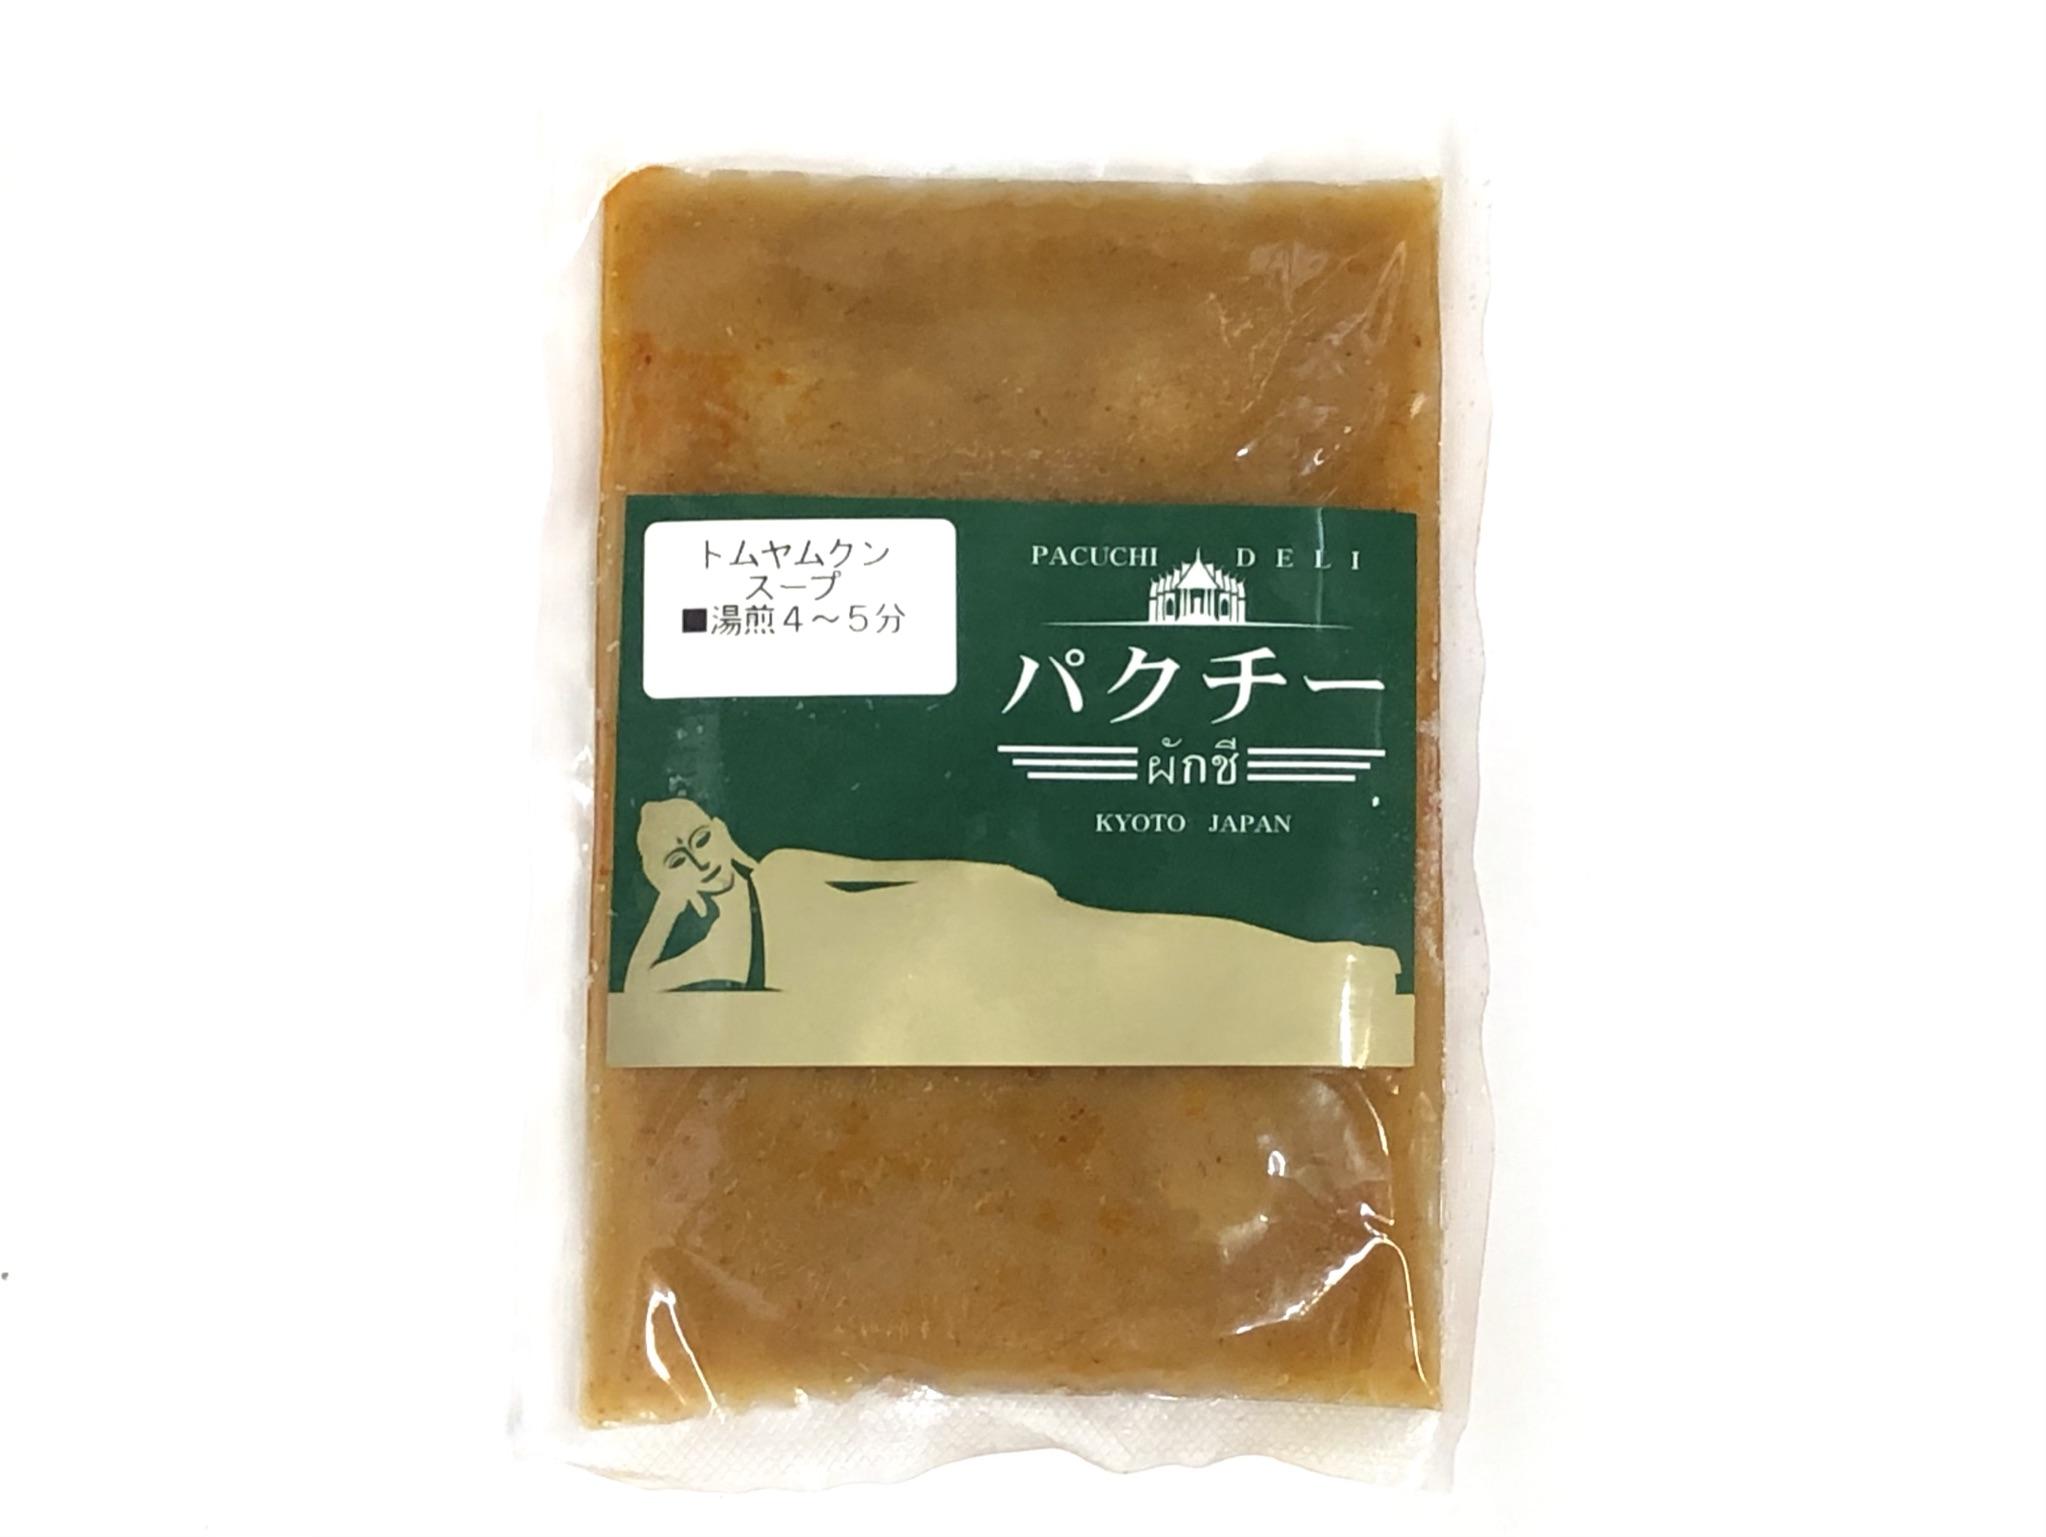 冷凍 トムヤムクン/海老入り甘酸っぱ辛いタイスープ